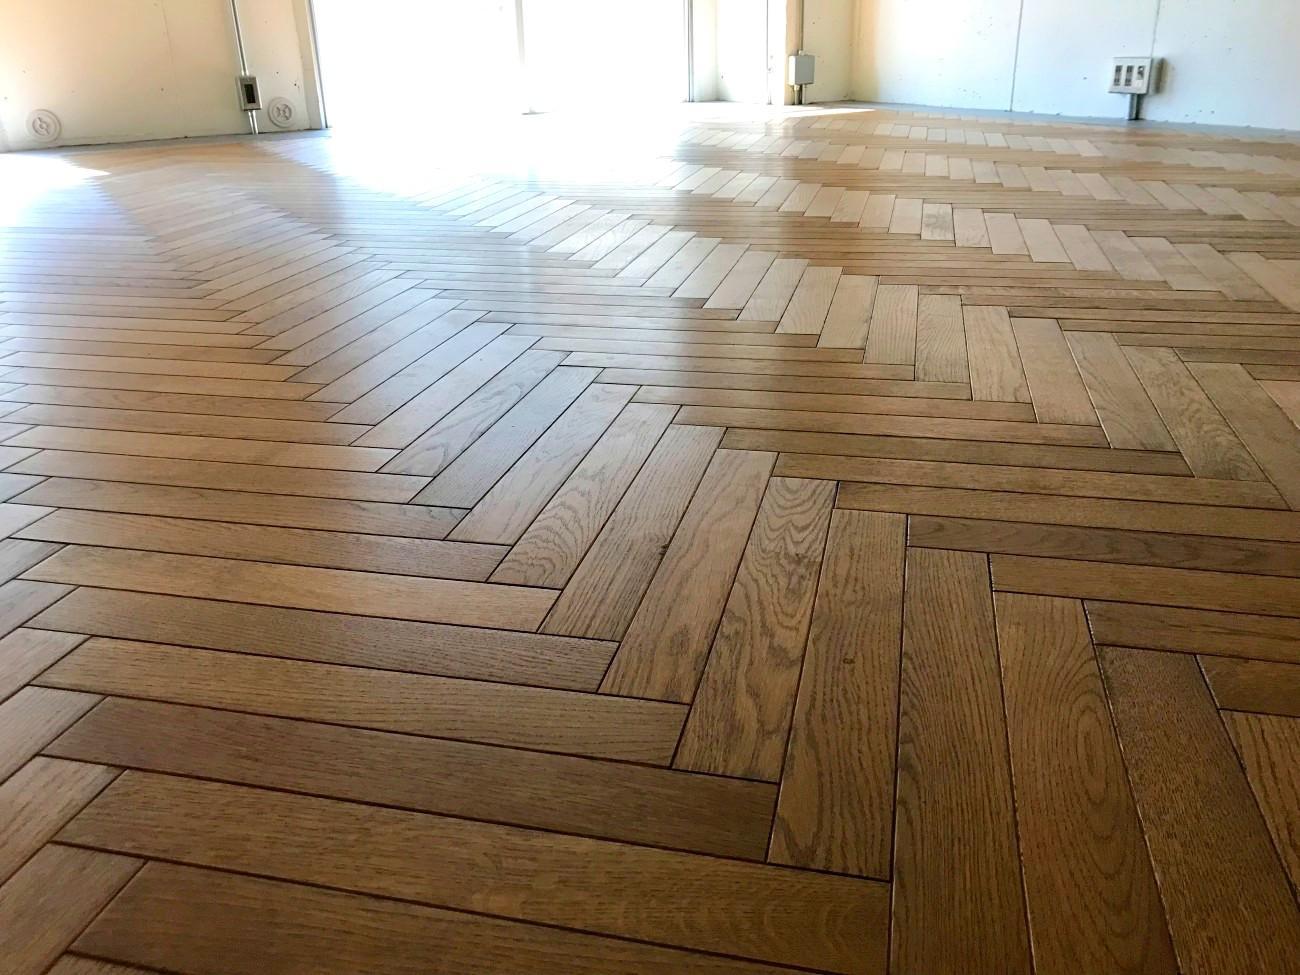 ヴィンテージ感ある床の風合い